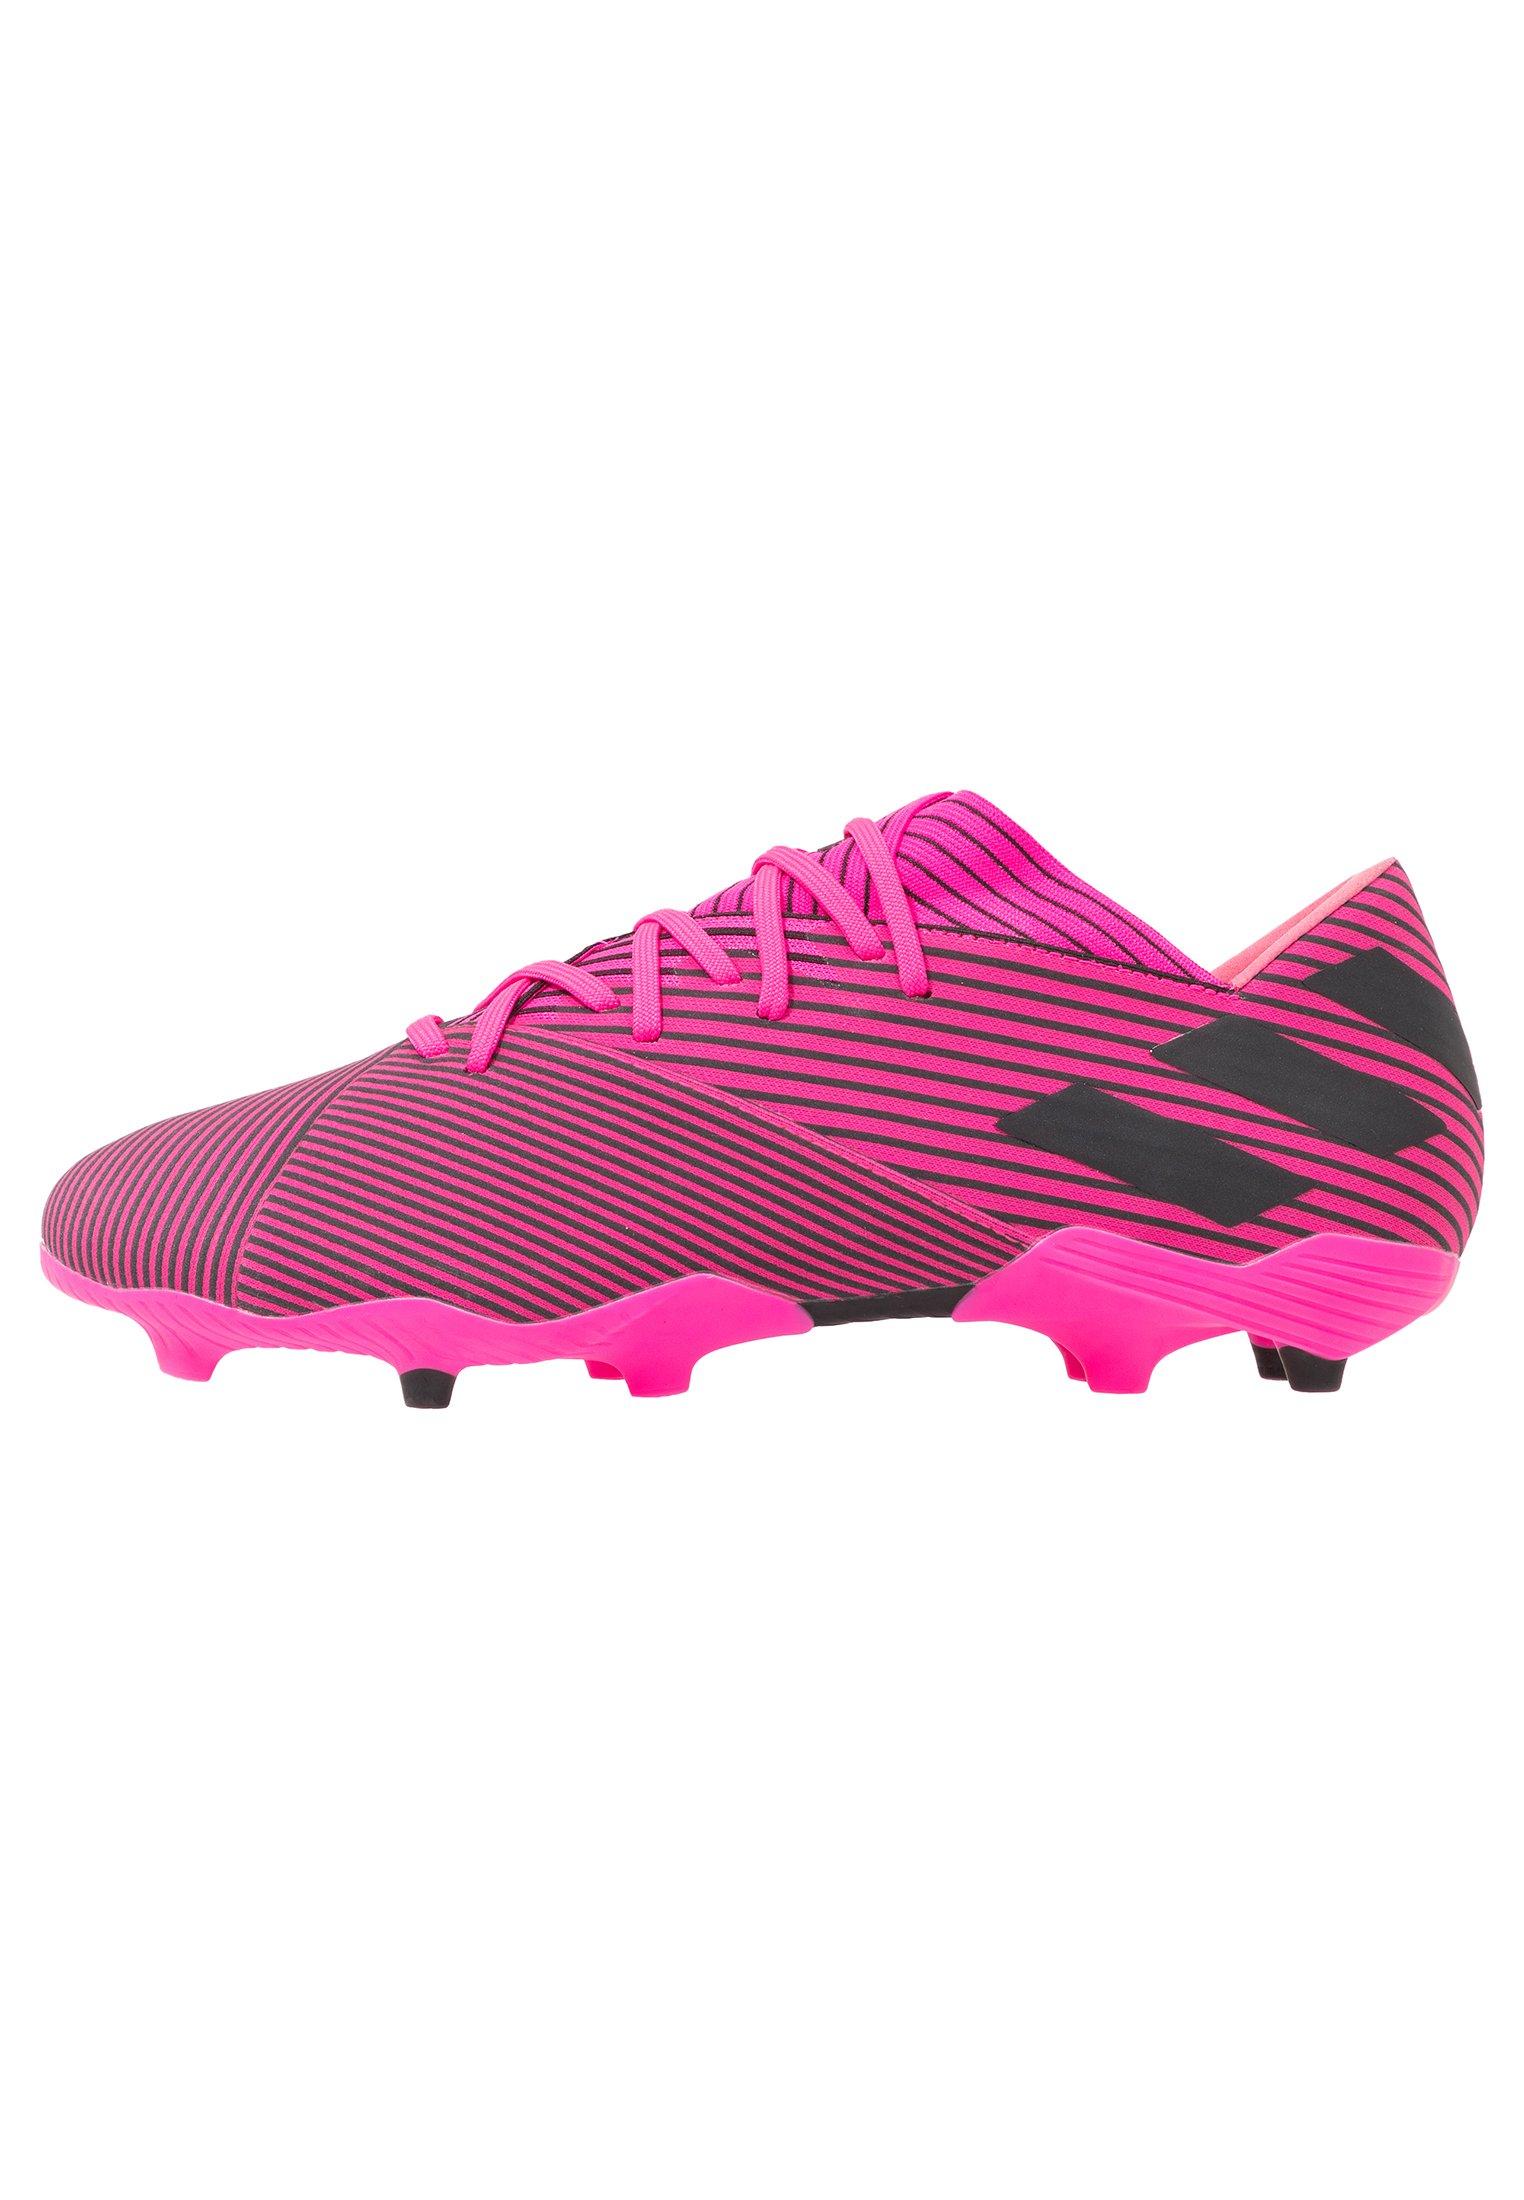 Adidas Performance Nemeziz 19.2 Fg - Voetbalschoenen Met Kunststof Noppen Shock Pink/core Black